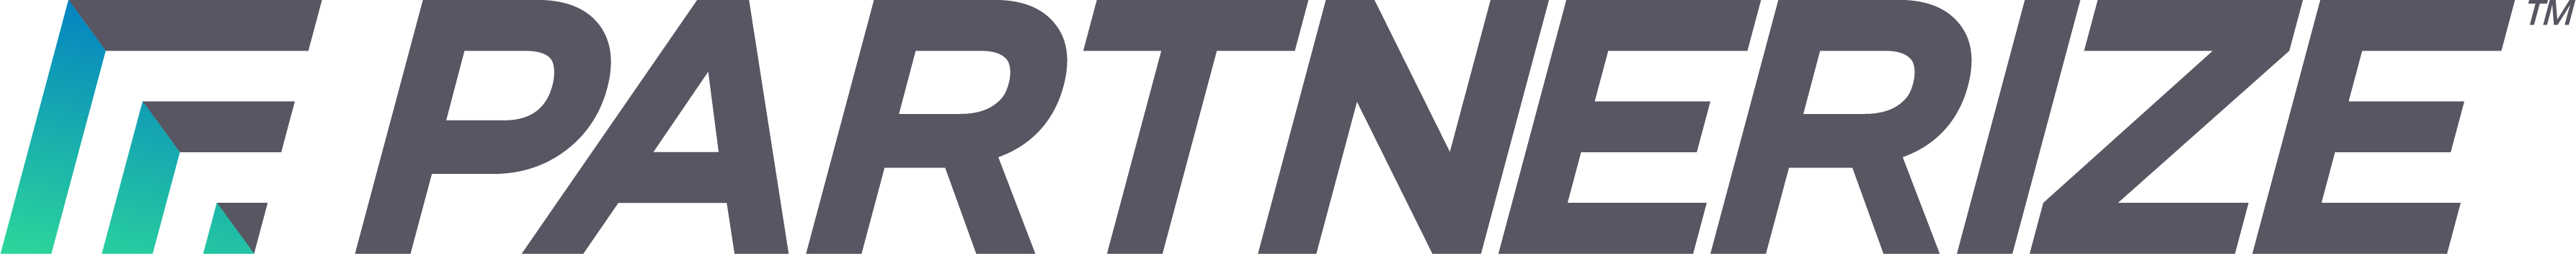 Partnerize Logo - Full Colour